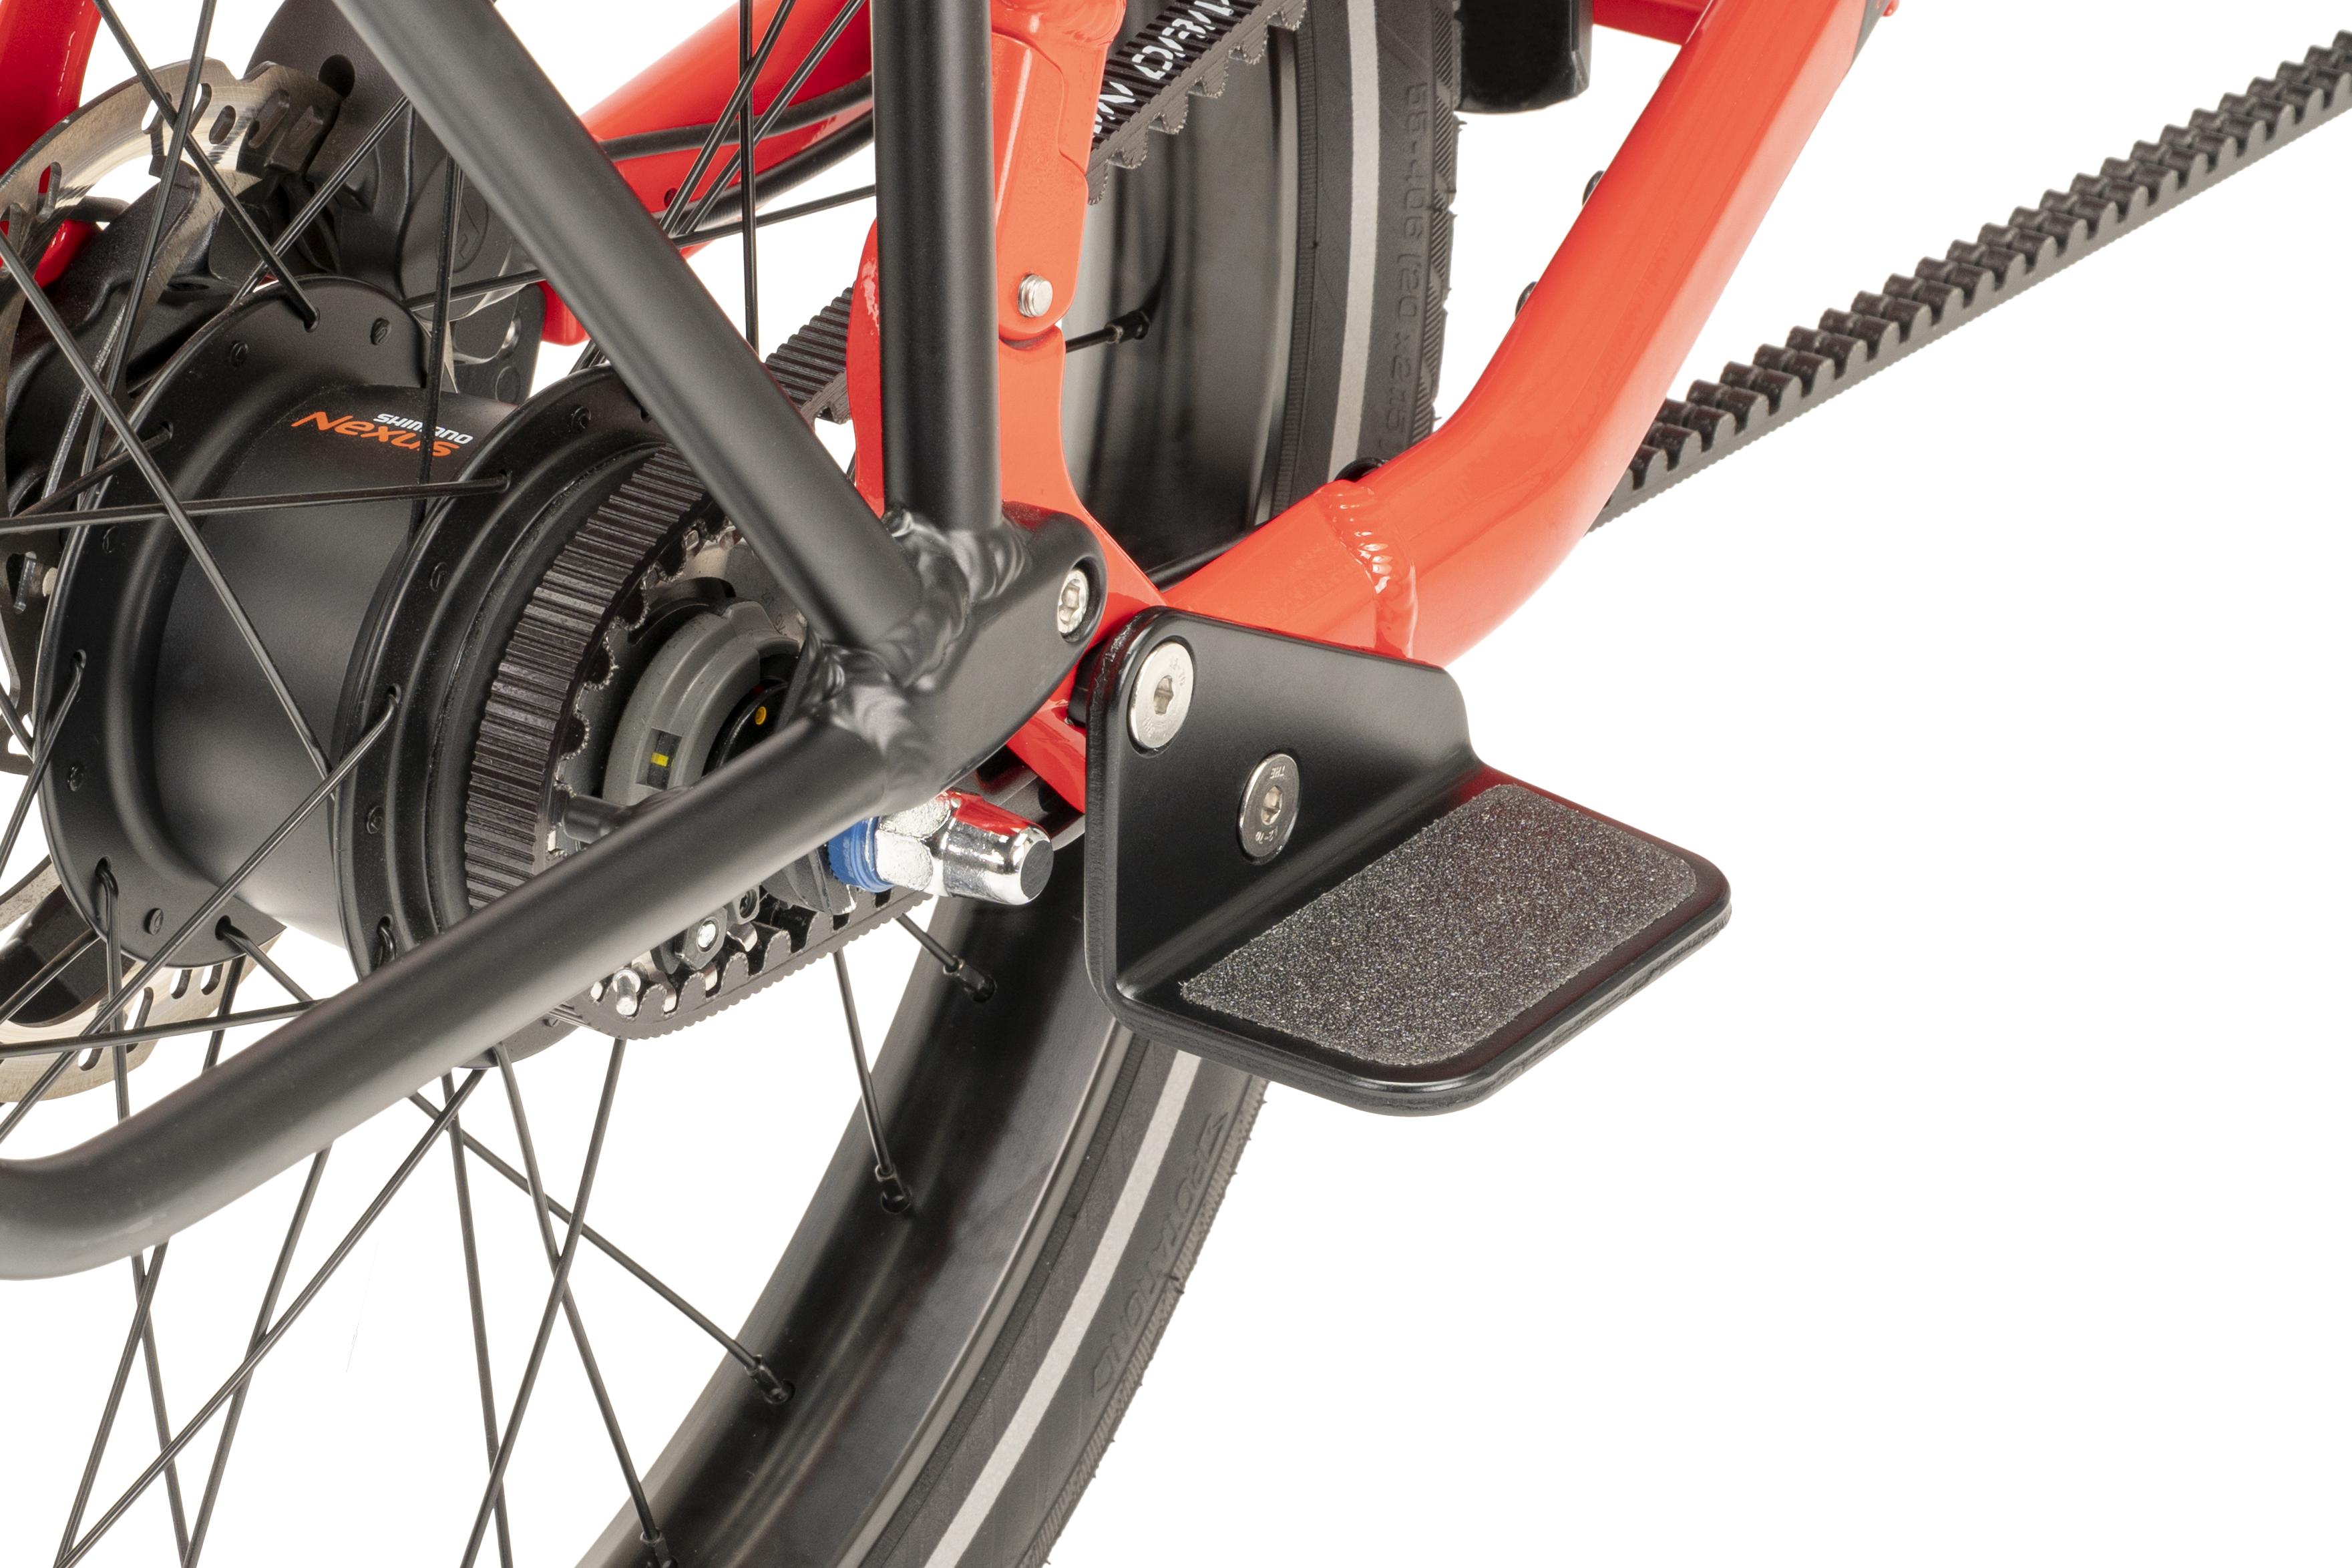 Sidekick Footrests Tern Folding Bikes Worldwide